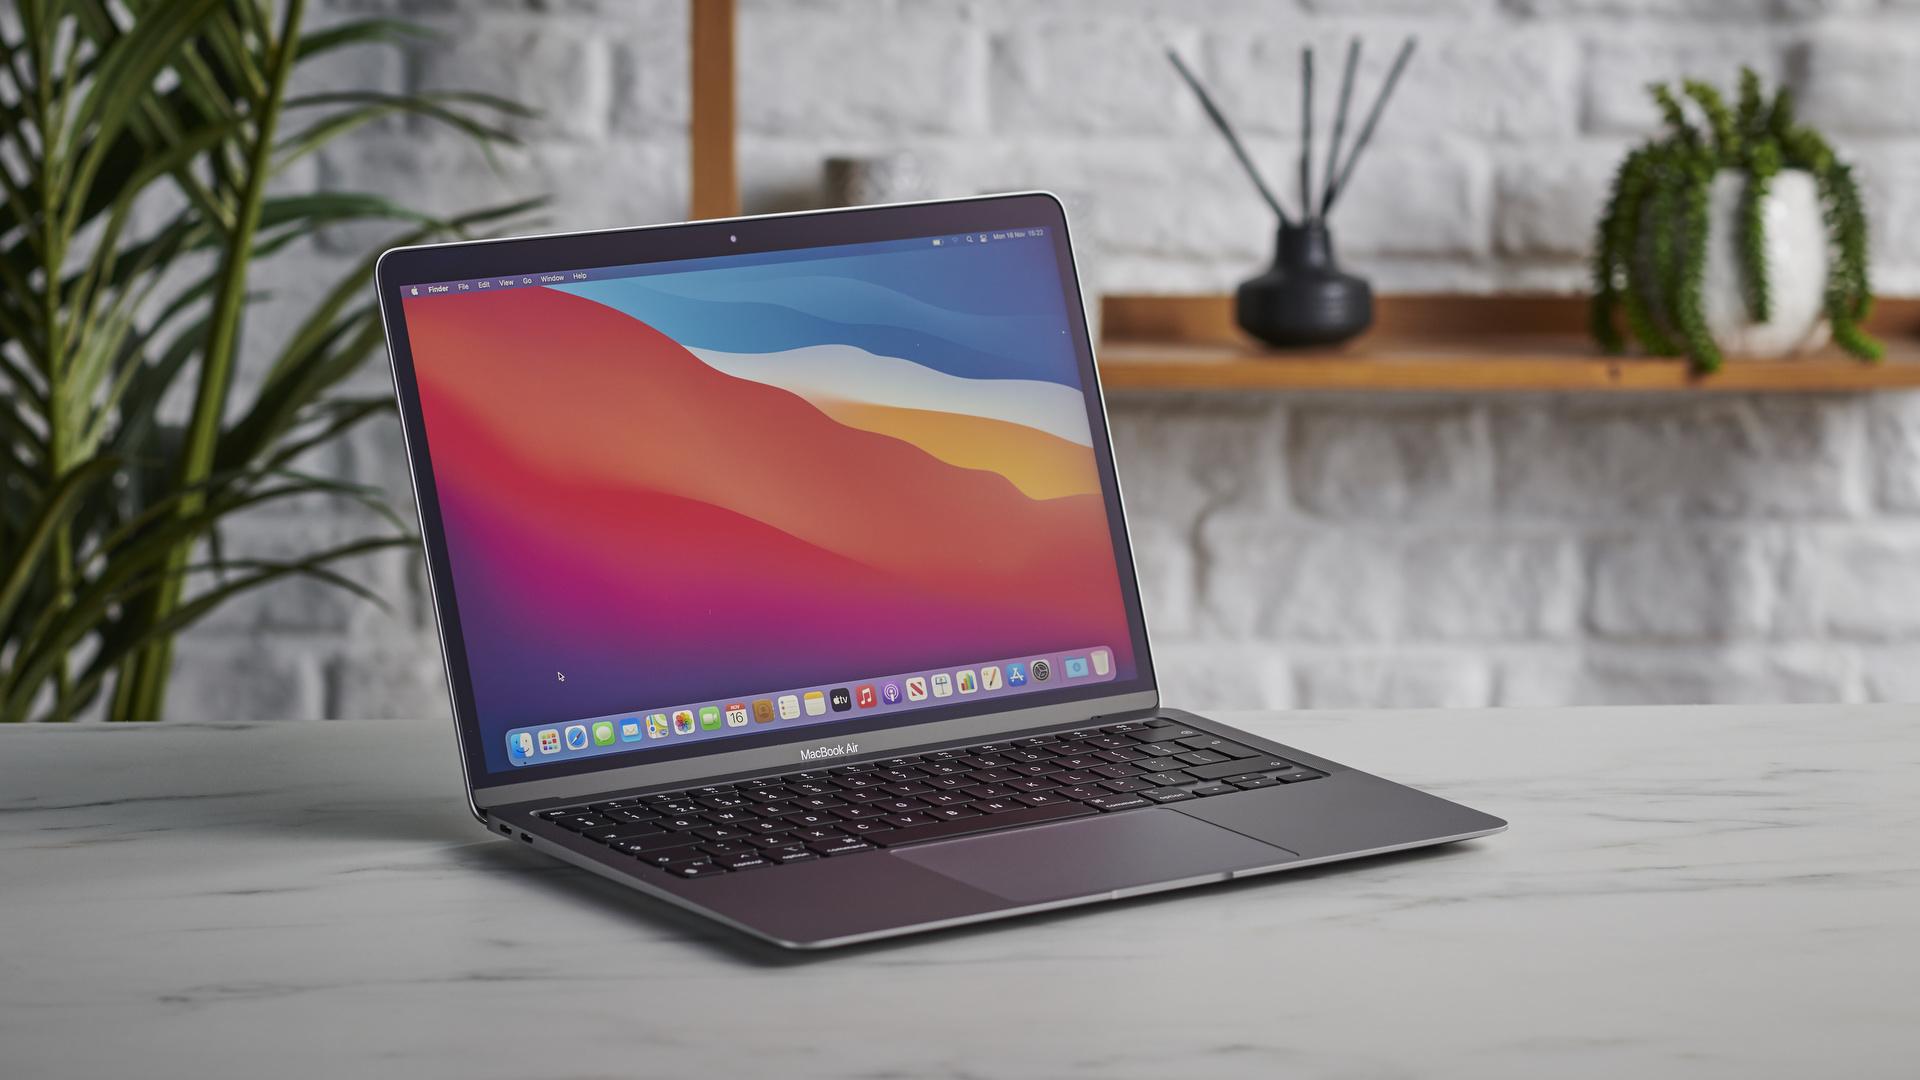 Melhor Notebook Para Estudar - Apple MacBook Air 2020